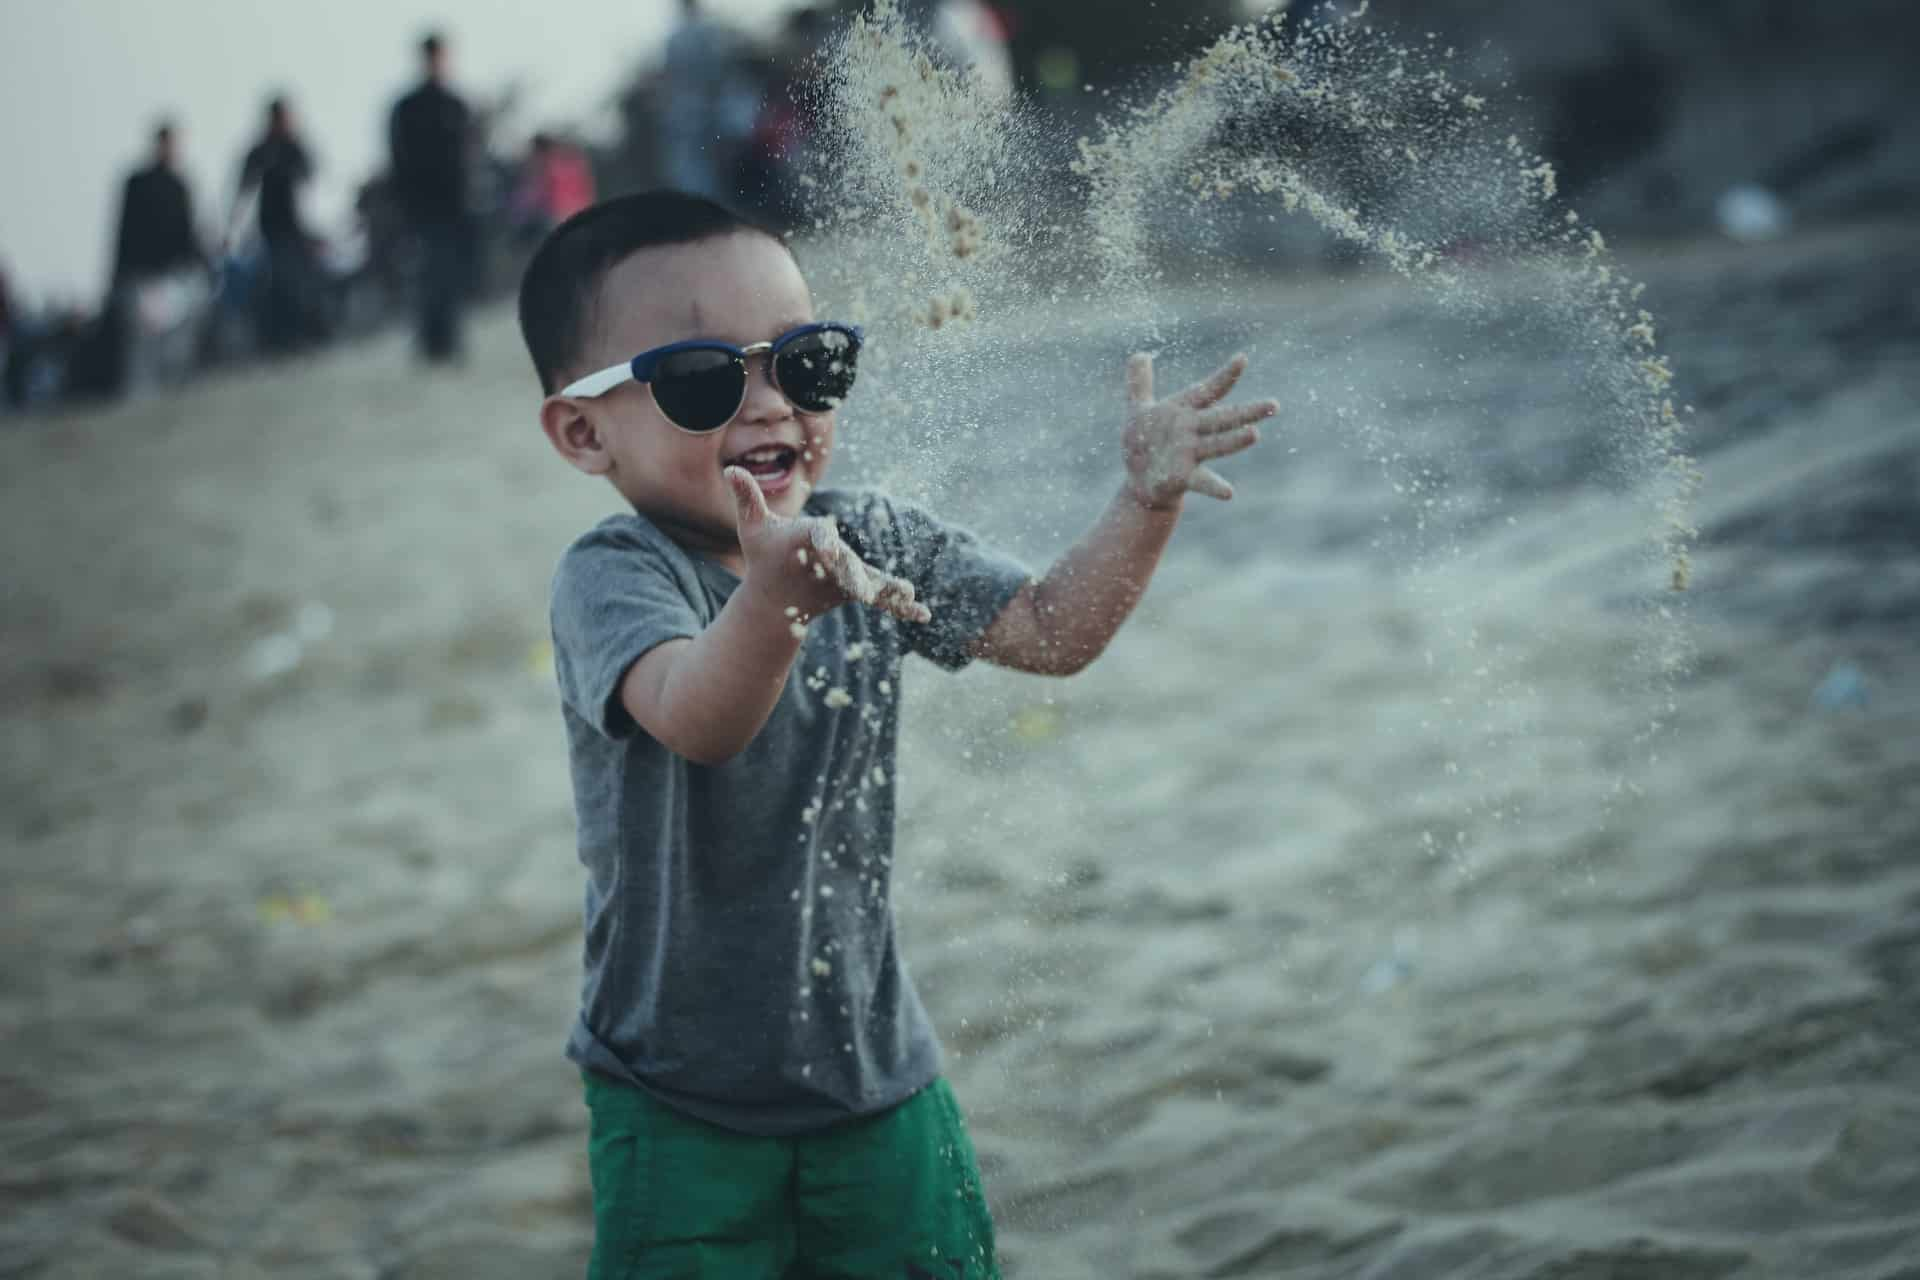 Baby Sonnenbrille: Test & Empfehlungen (02/21)